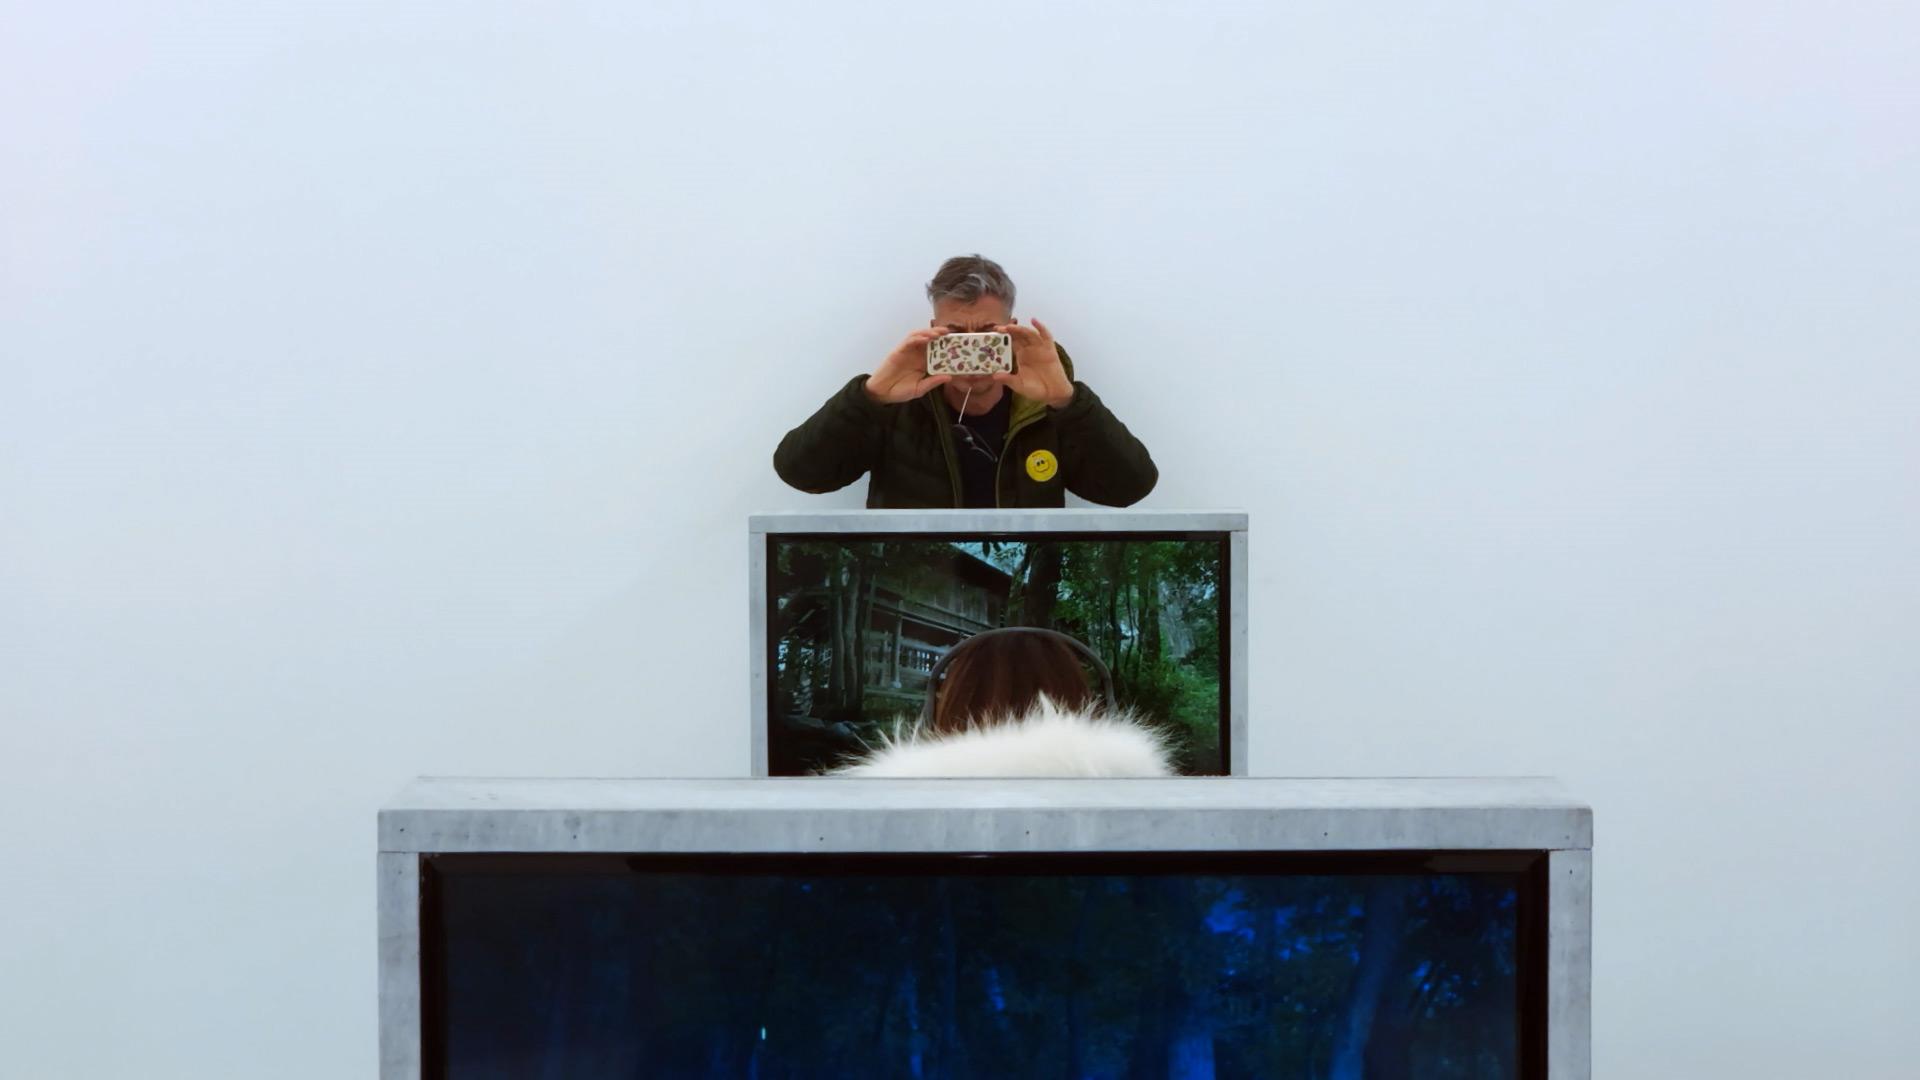 意大利藝術家及導演Yuri Ancarani用影像為是次展覽留下記錄